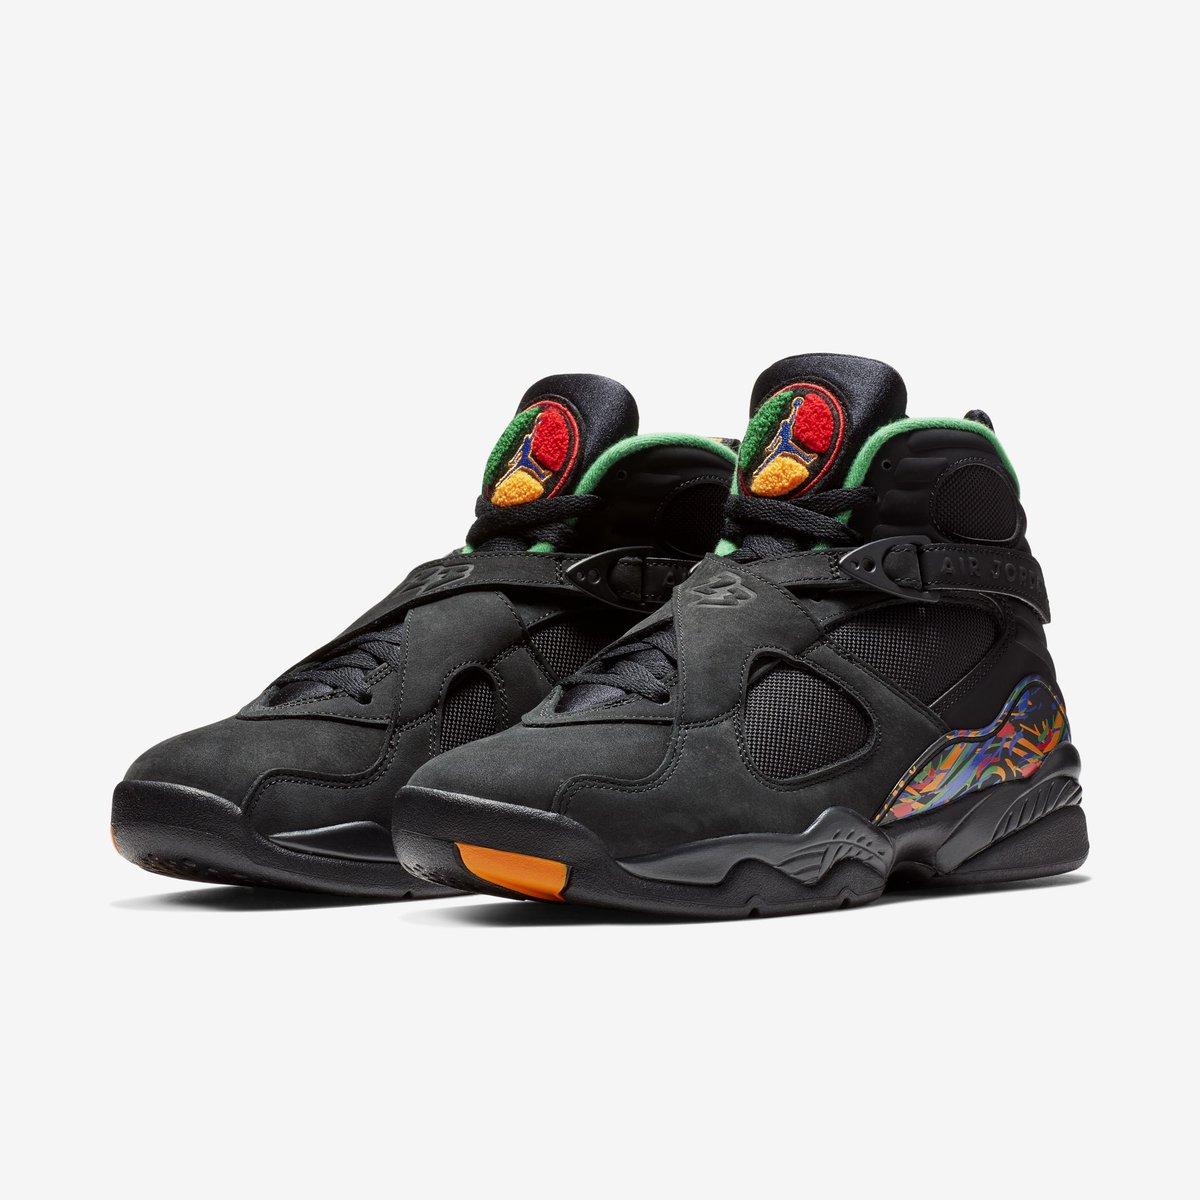 Release Date: Air Jordan